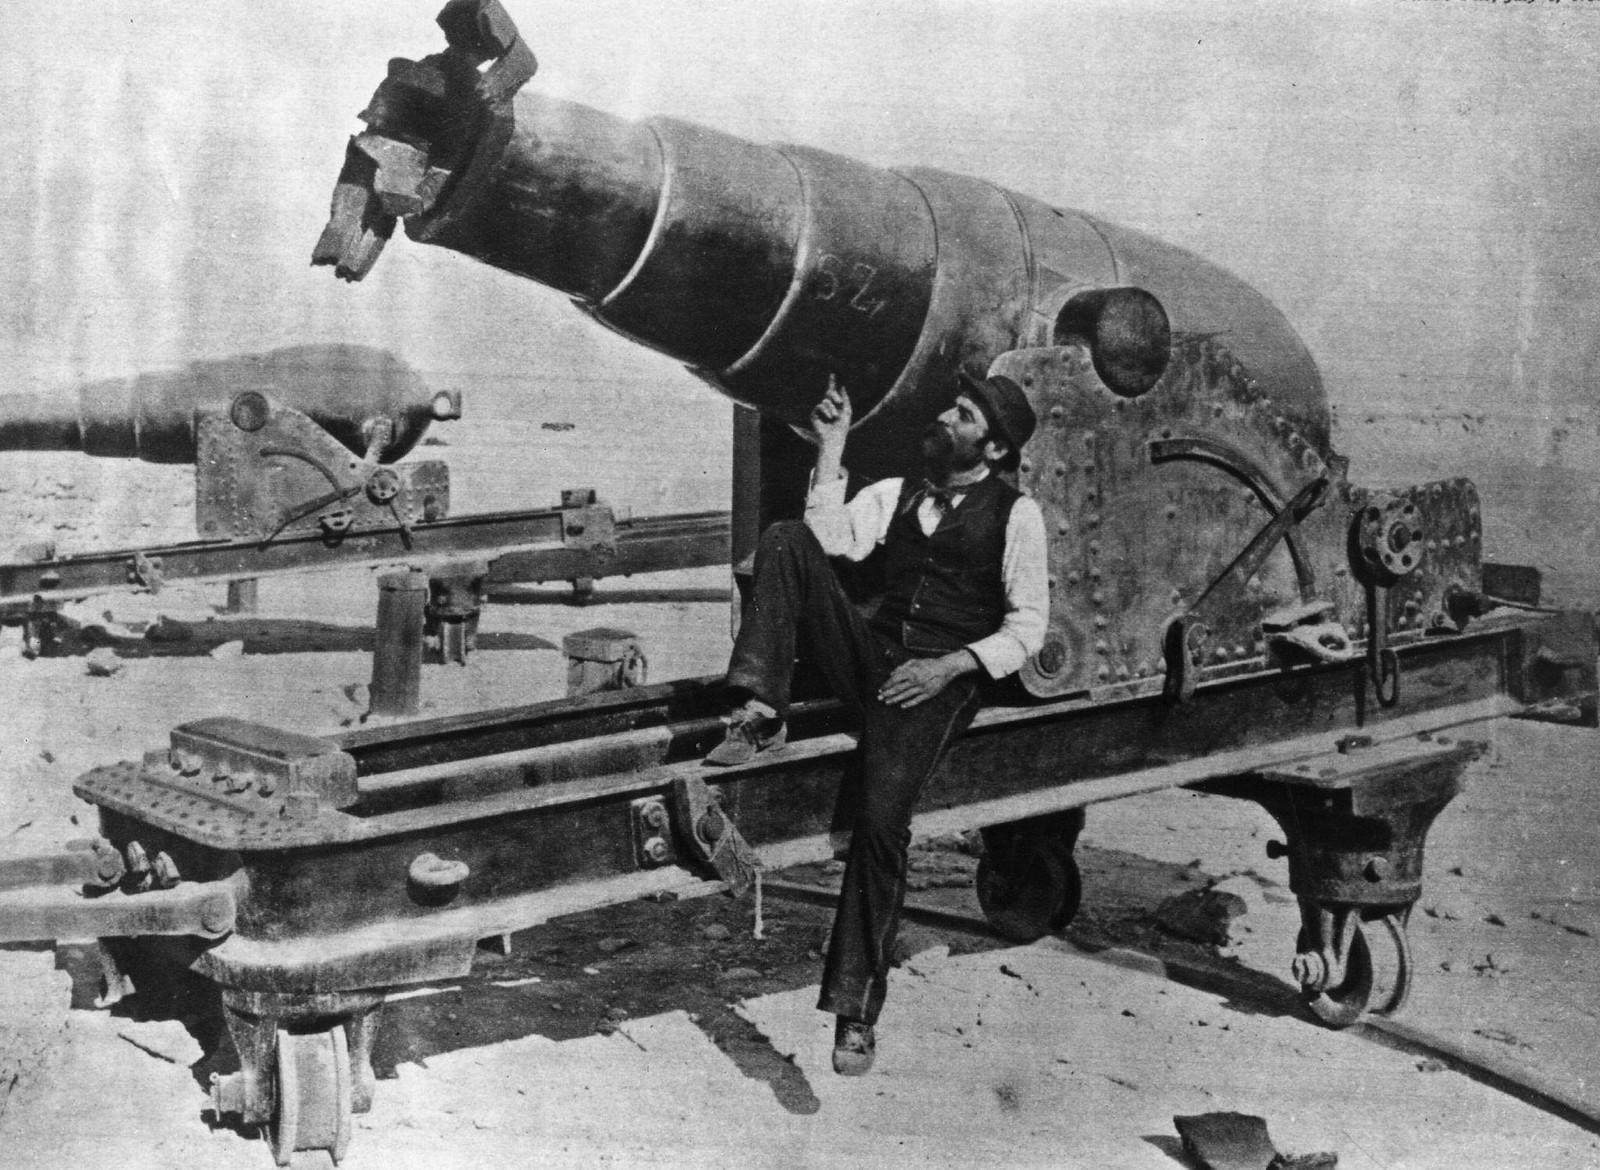 05. Египетская пушка, которая пострадала от прямого попадания в дуло. Форт Фарос во время англо-французской бомбардировки Александрии во время англо-египетского конфликта из-за контроля над Суэцким каналом.